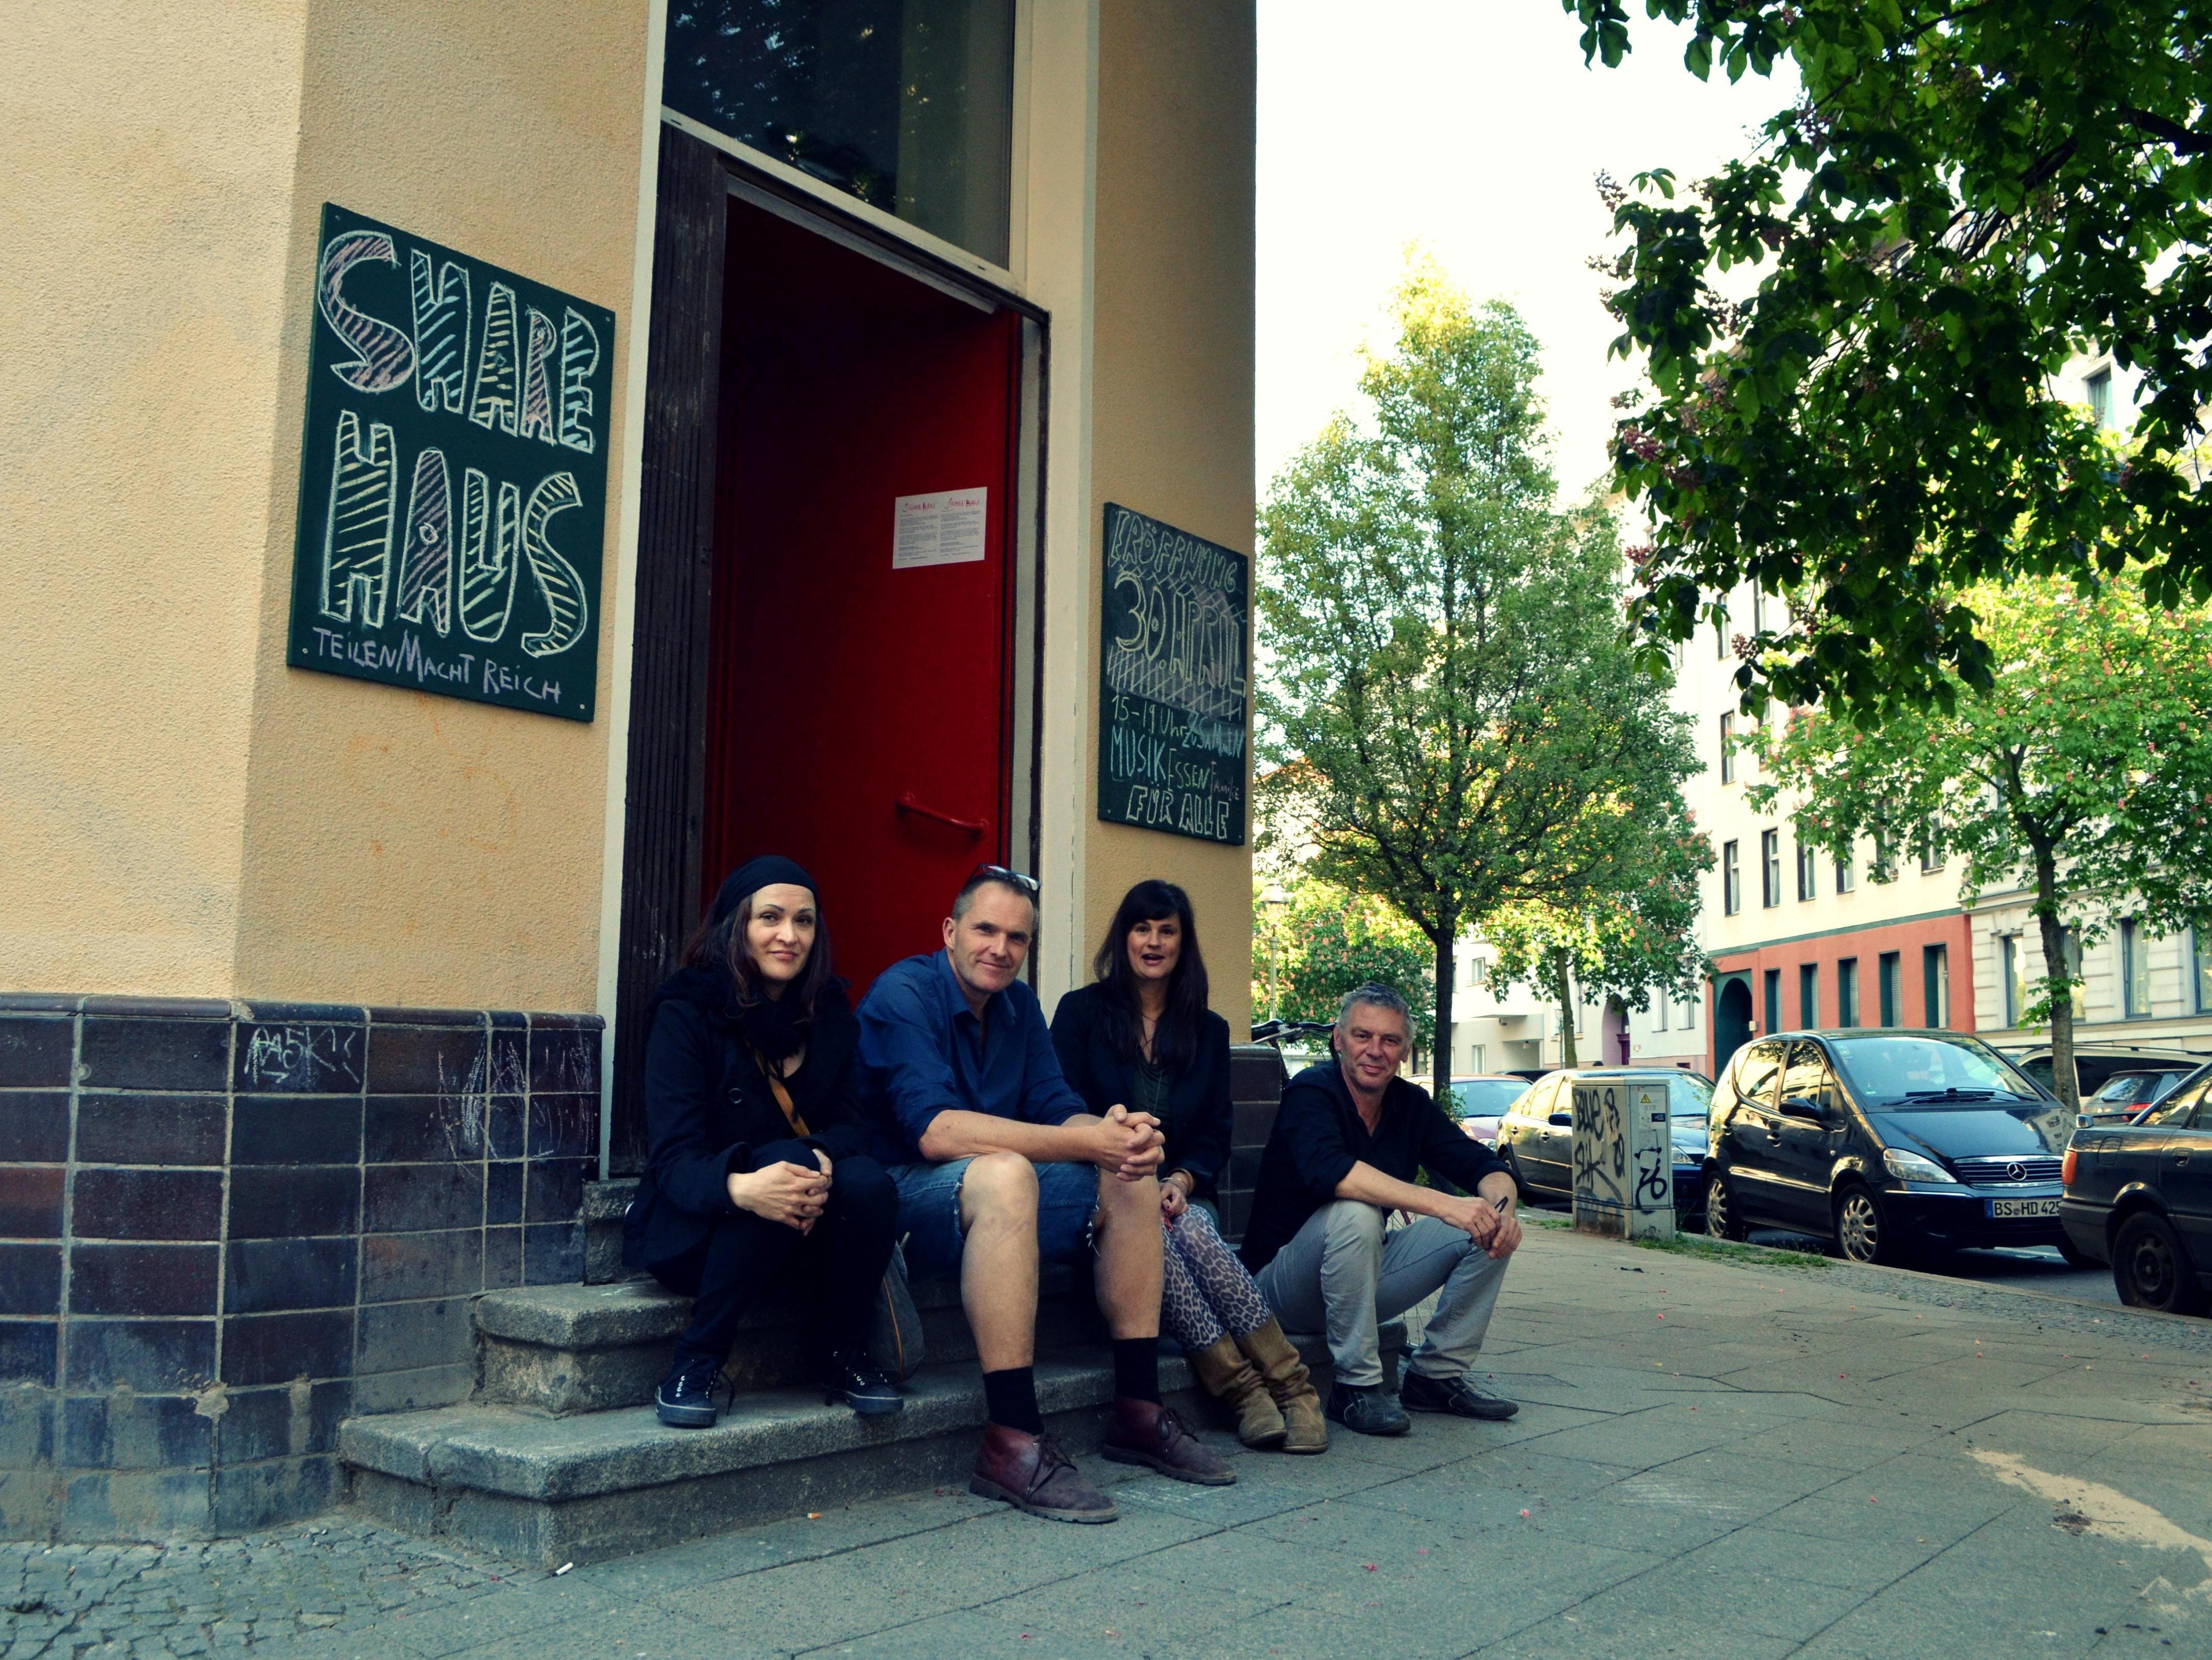 Sven Lager (2. v. l.) ist eigentlich Schriftsteller. Mit dem Sharehouse wollen er und seine Frau einen Ort des Teilens schaffen. Café inklusive. Hier sitzt er mit einigen Helfern beisammen.